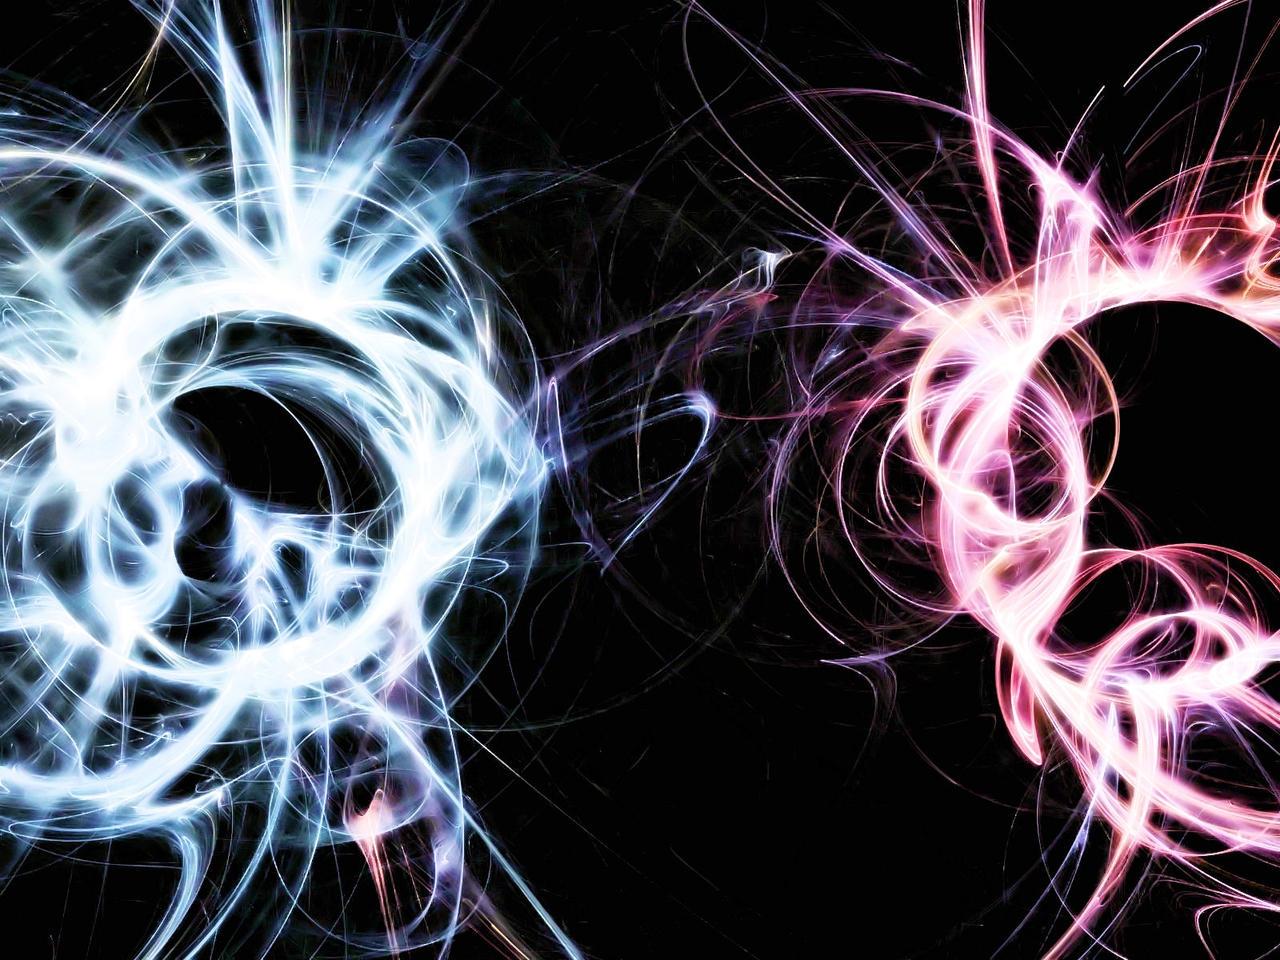 Fire-Water fractal by XxR3zD3ViLxX